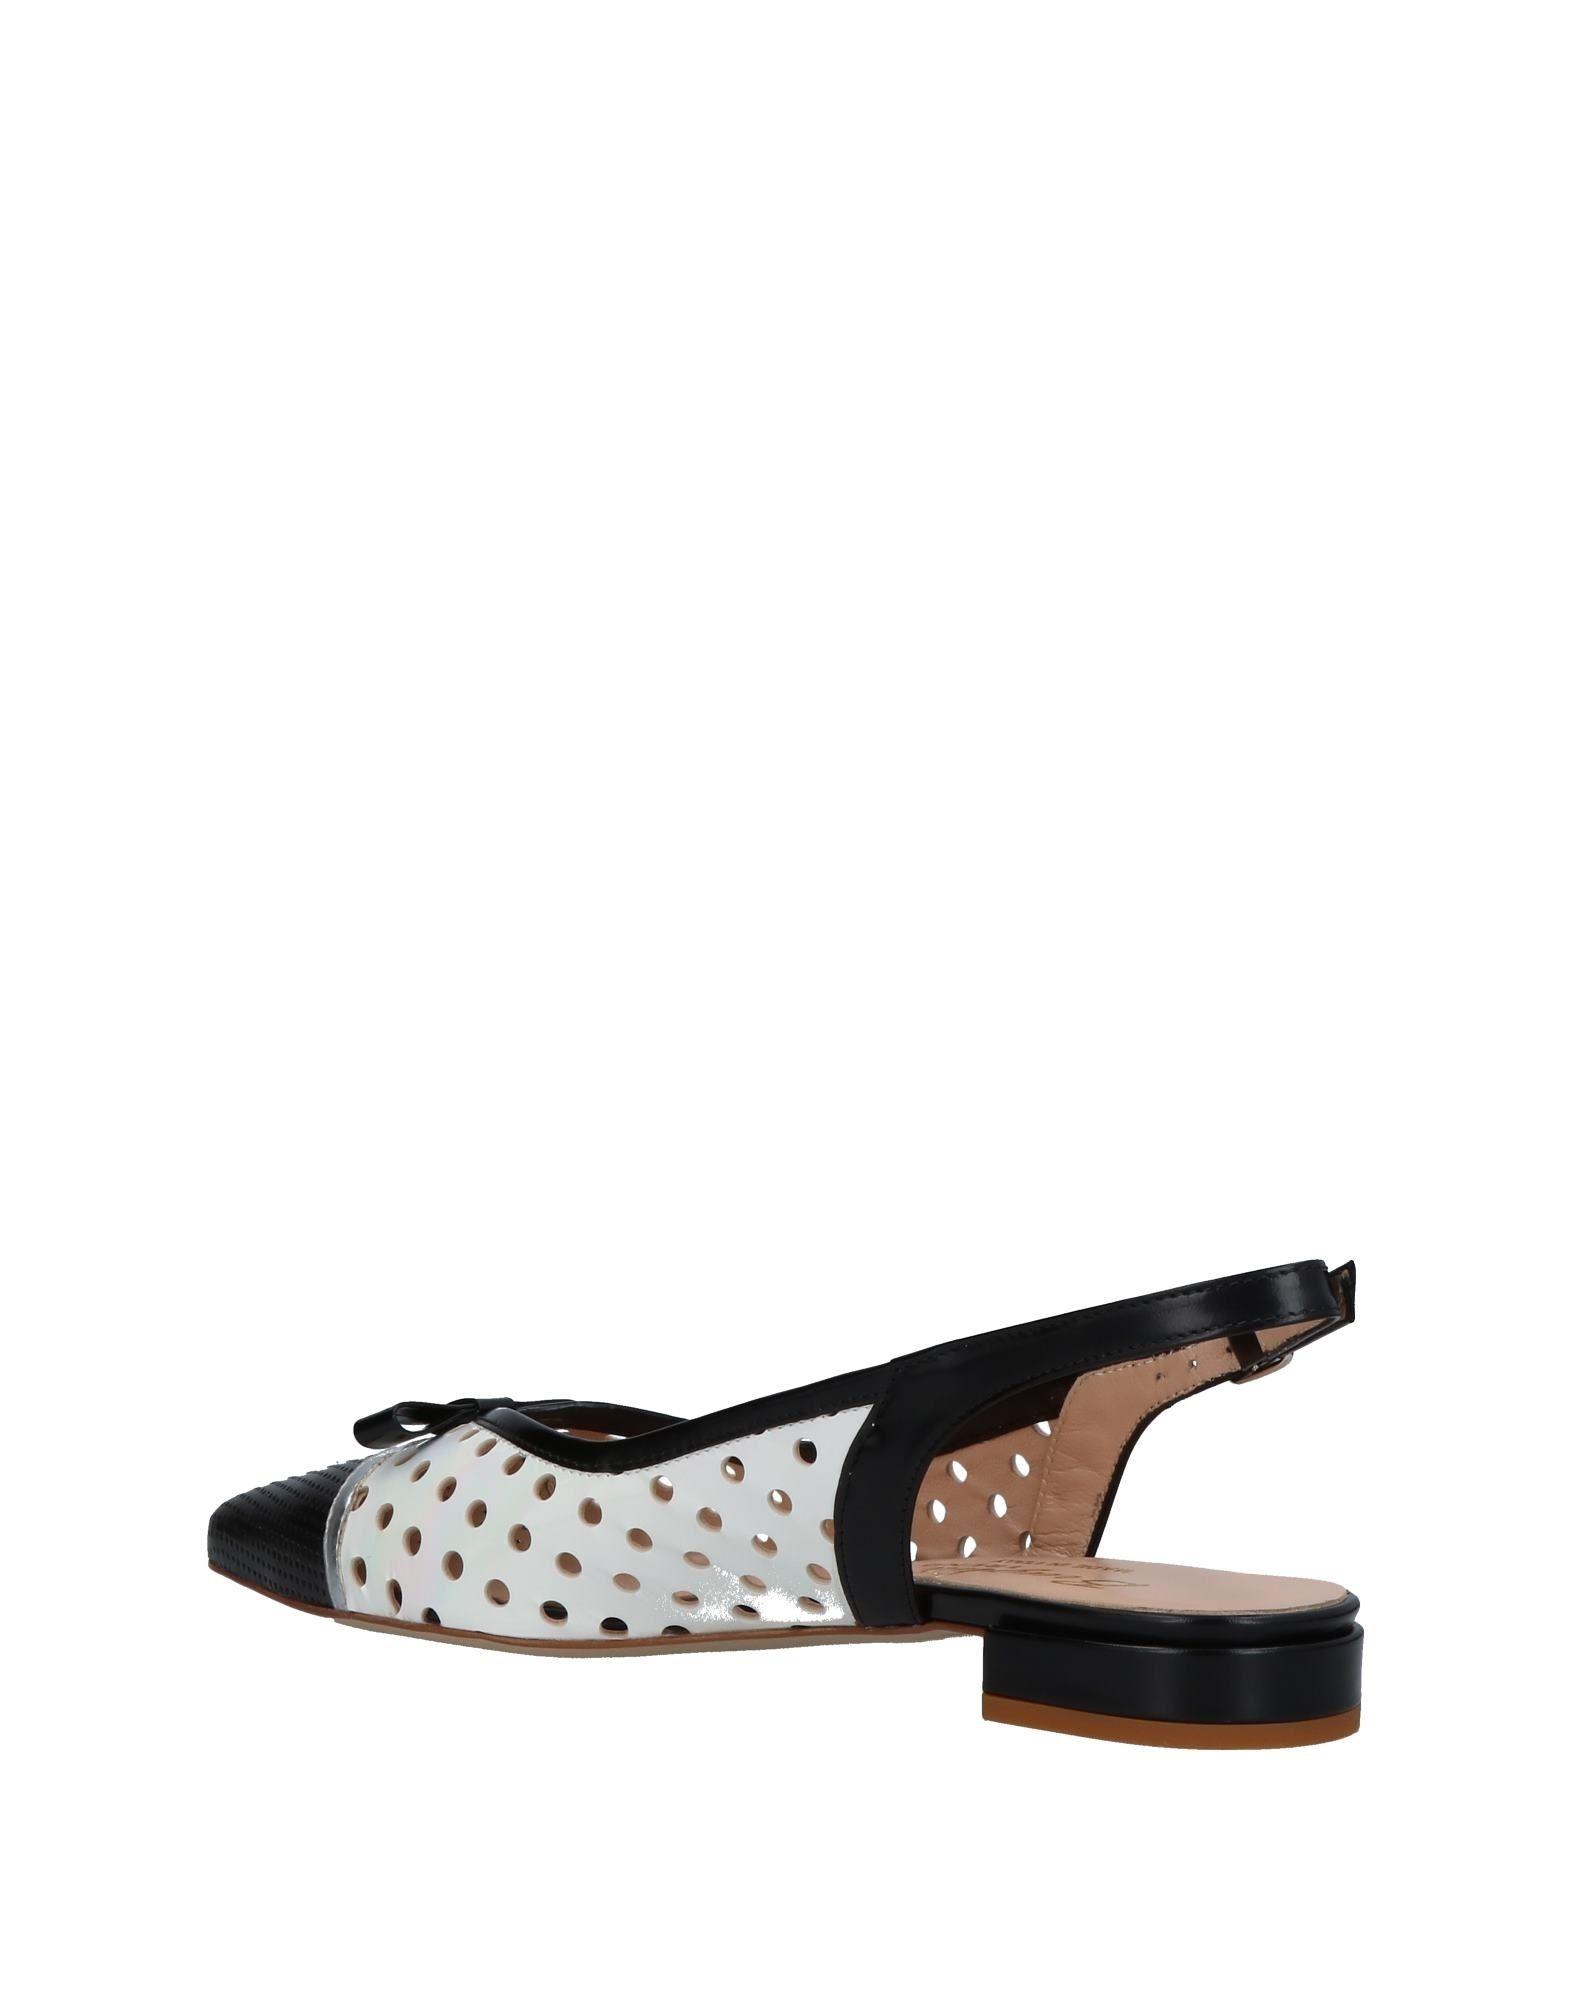 Gut Bruglia um billige Schuhe zu tragenF.Lli Bruglia Gut Ballerinas Damen  11408661GO 7b1660